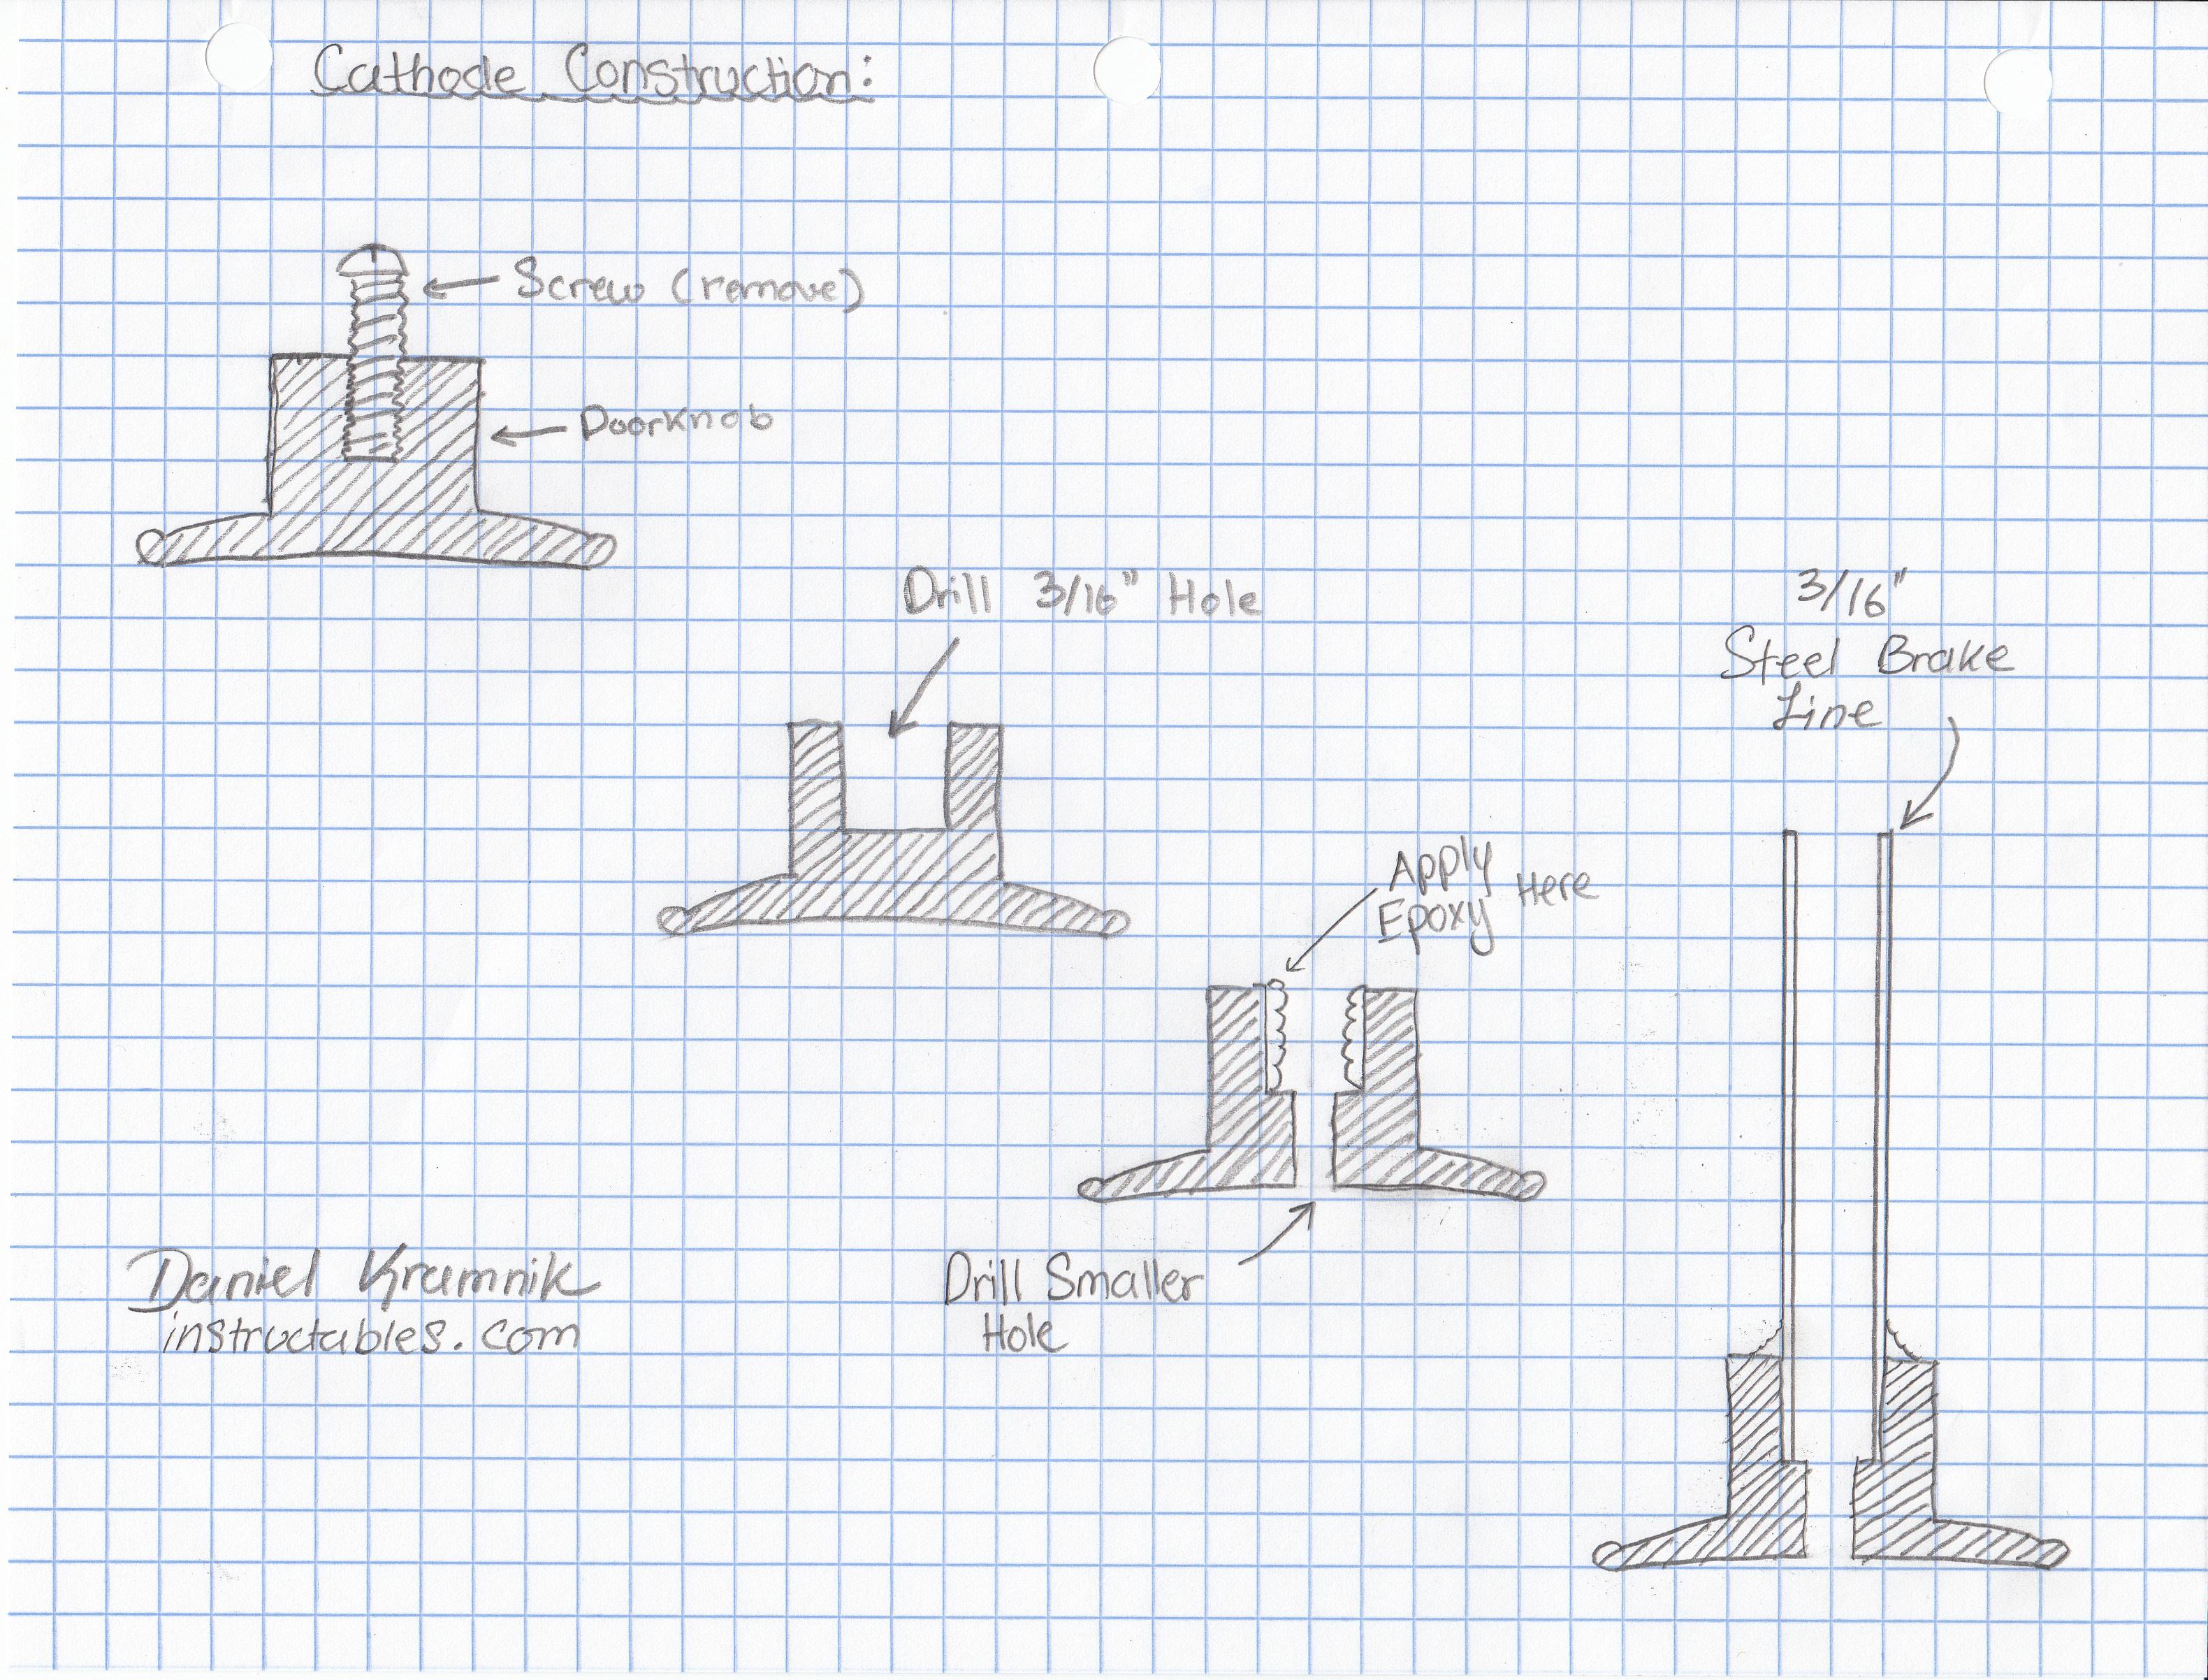 Picture of Build the Cathode/Vacuum Port